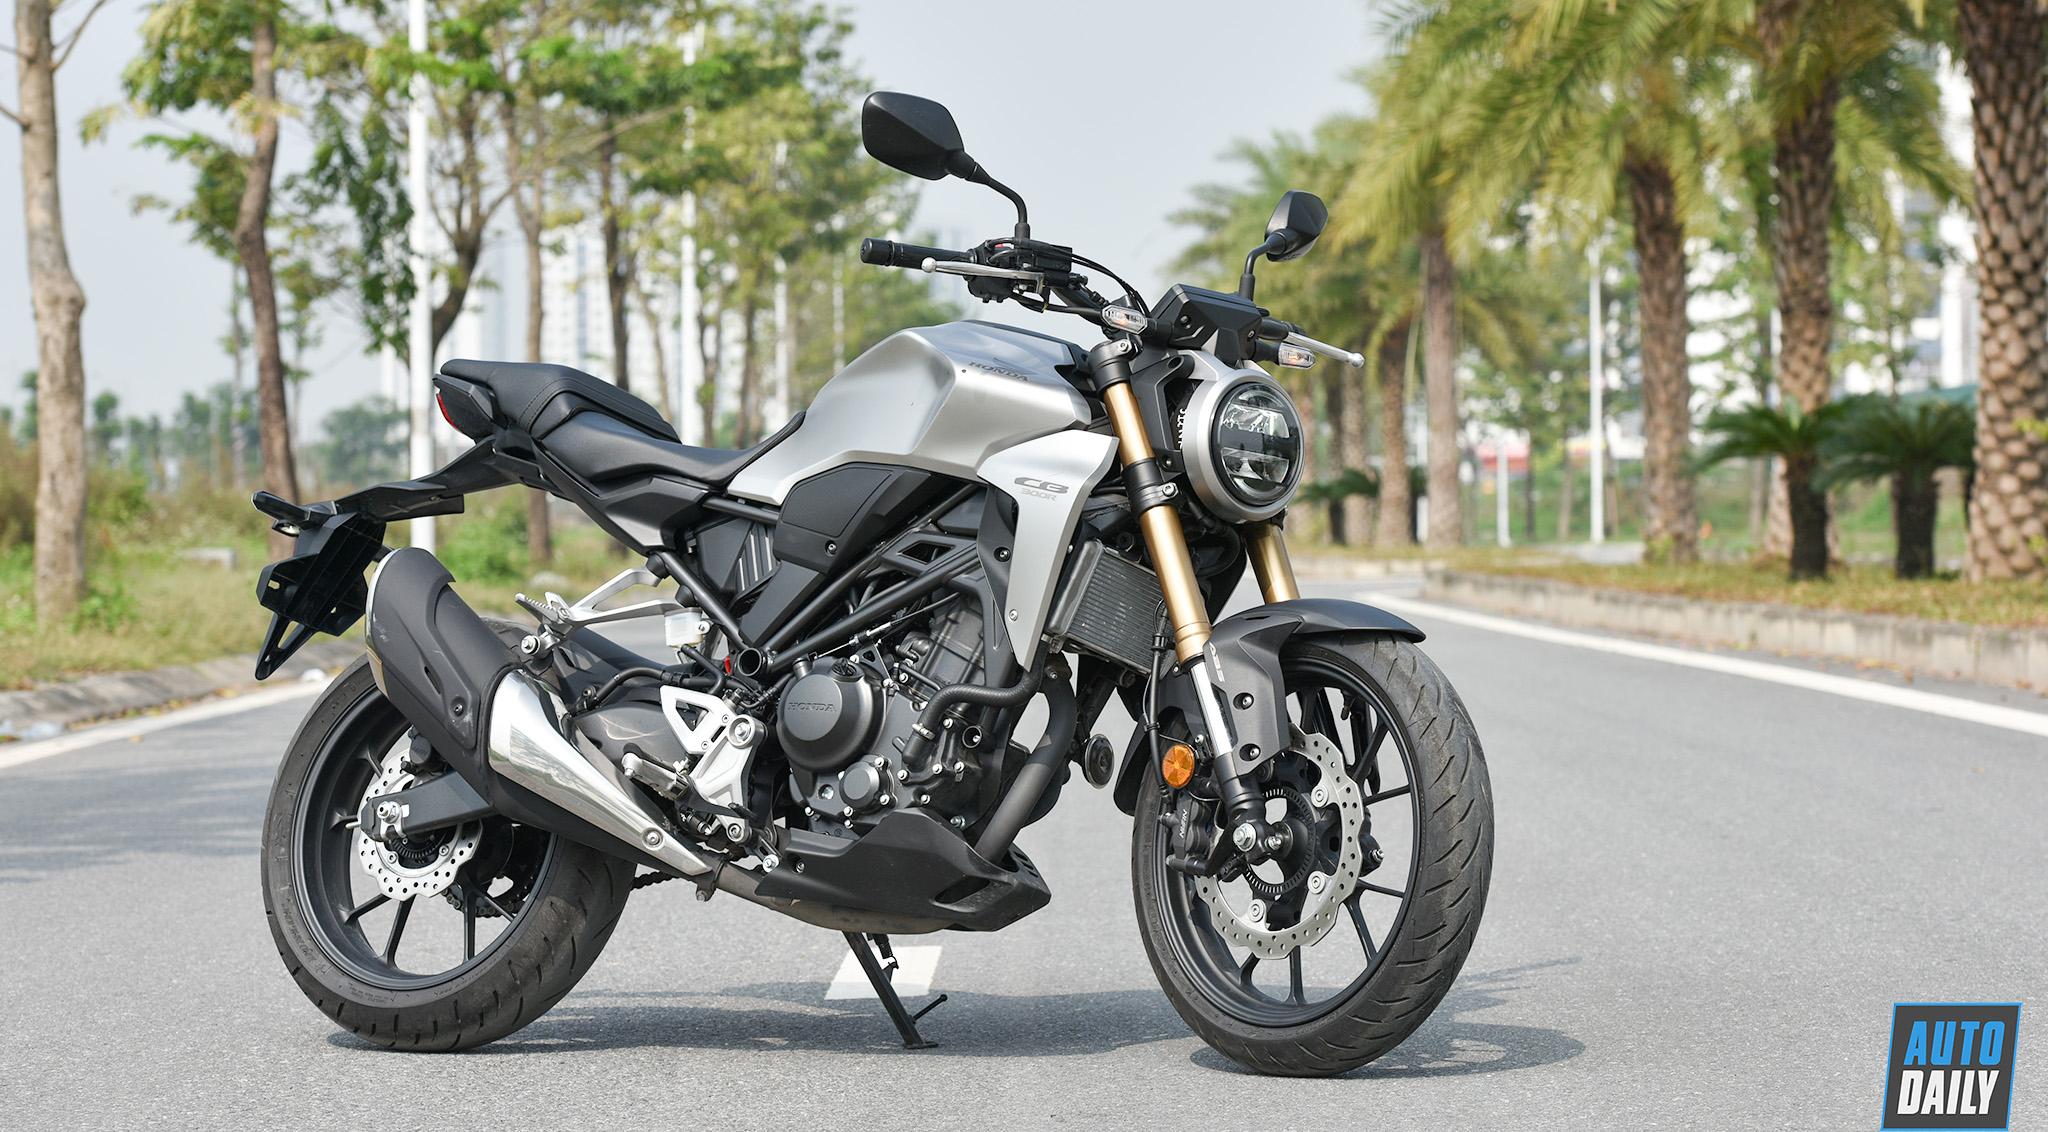 Đánh giá chi tiết Honda CB300R 2019 giá 140 triệu